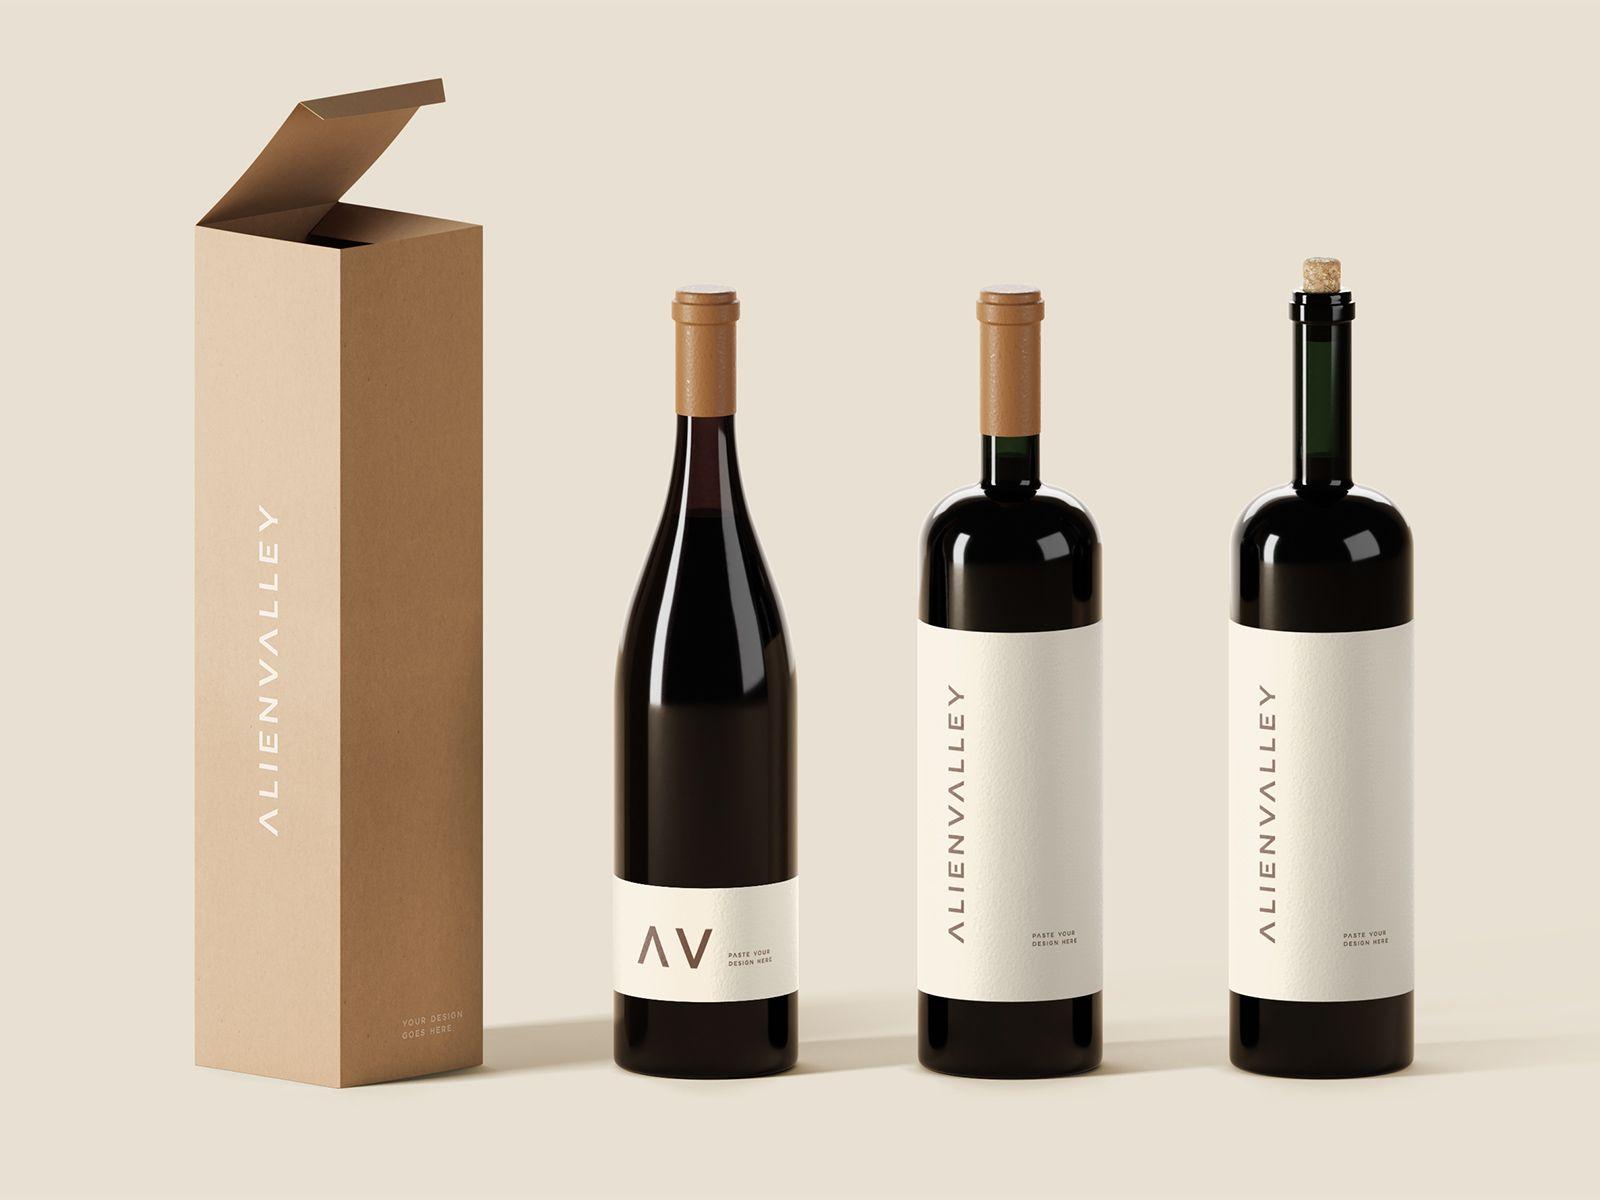 Download Freebie Wine Bottles Mockup Wine Bottle Bottle Mockup Elegant Wine Bottle